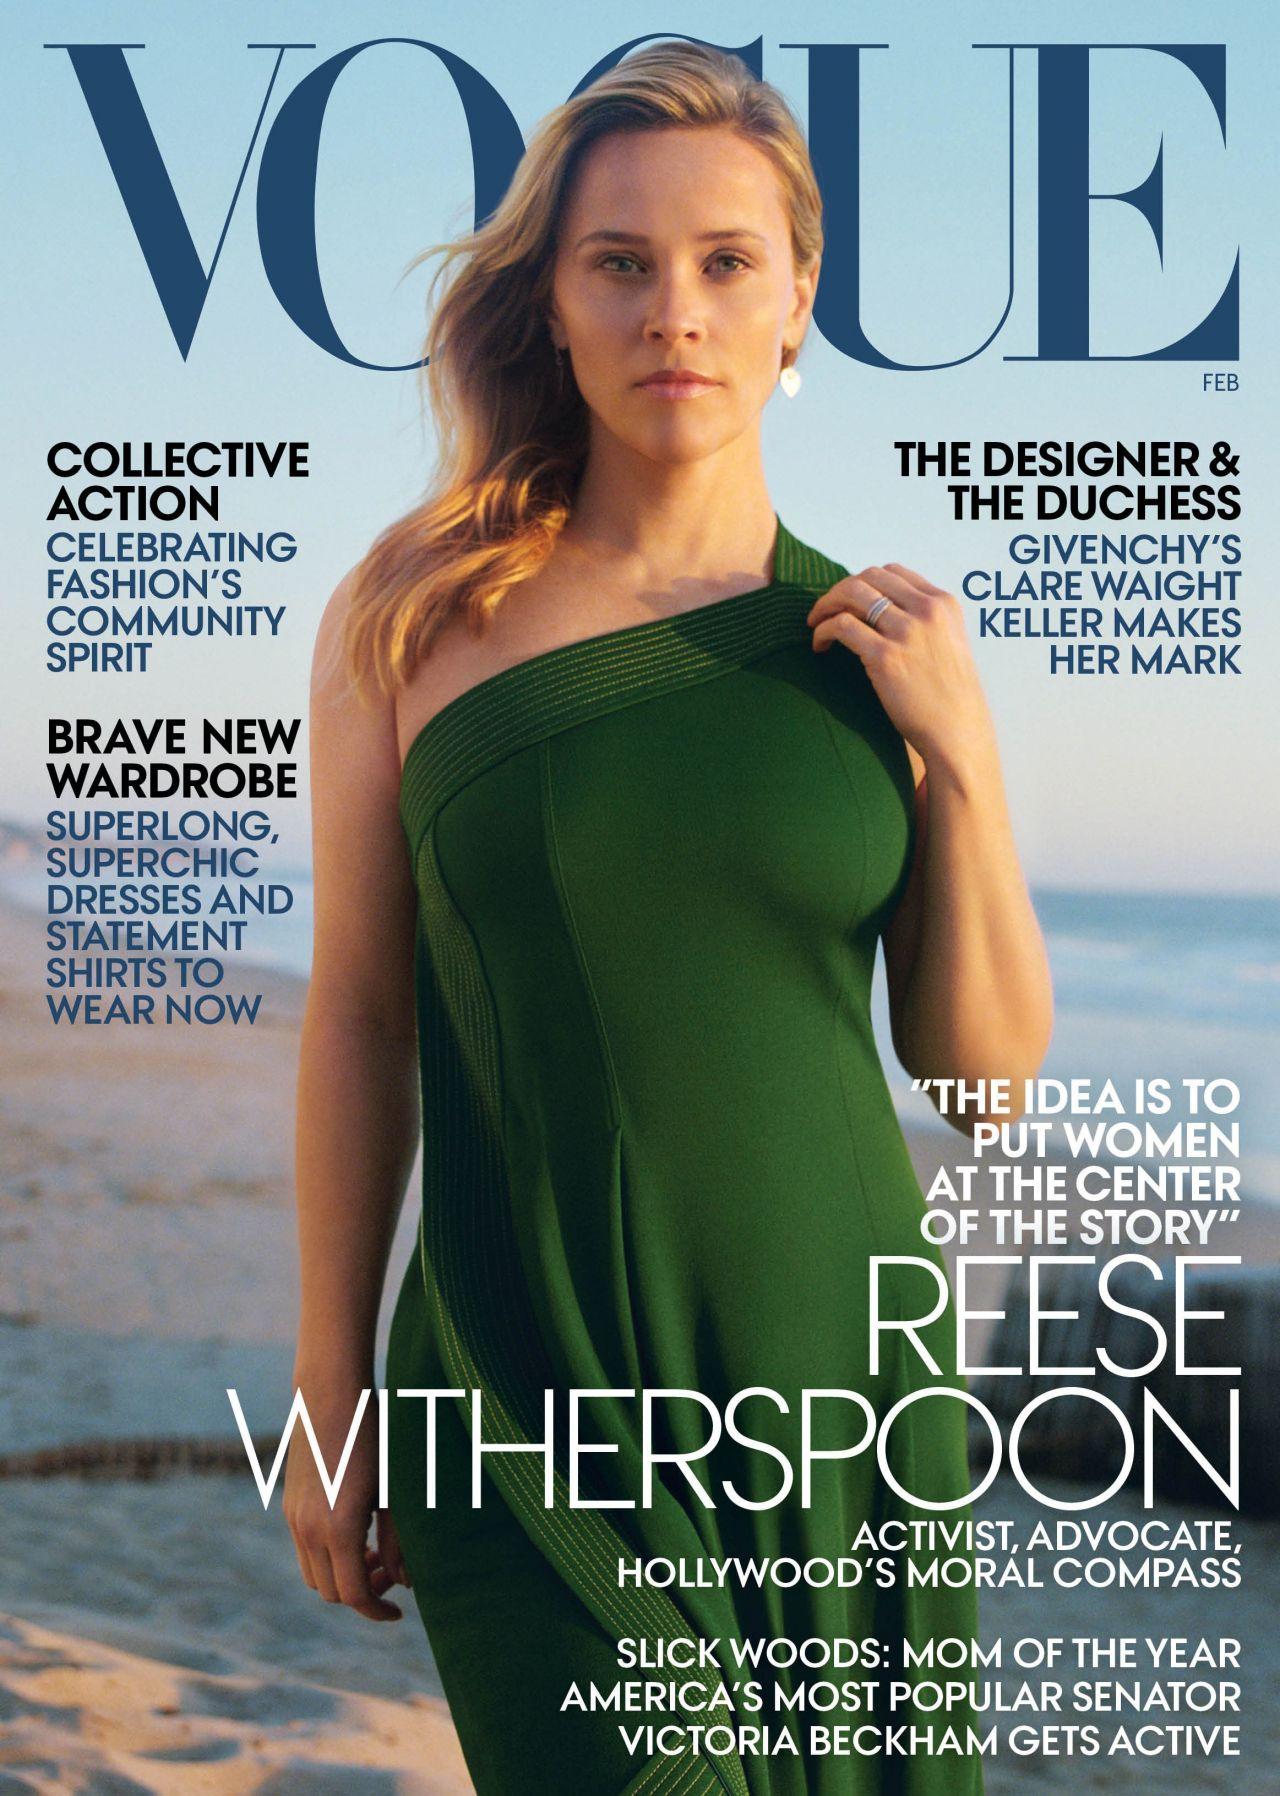 Vogue Magazine Uk May 2015 Issue: Vogue US February 2019